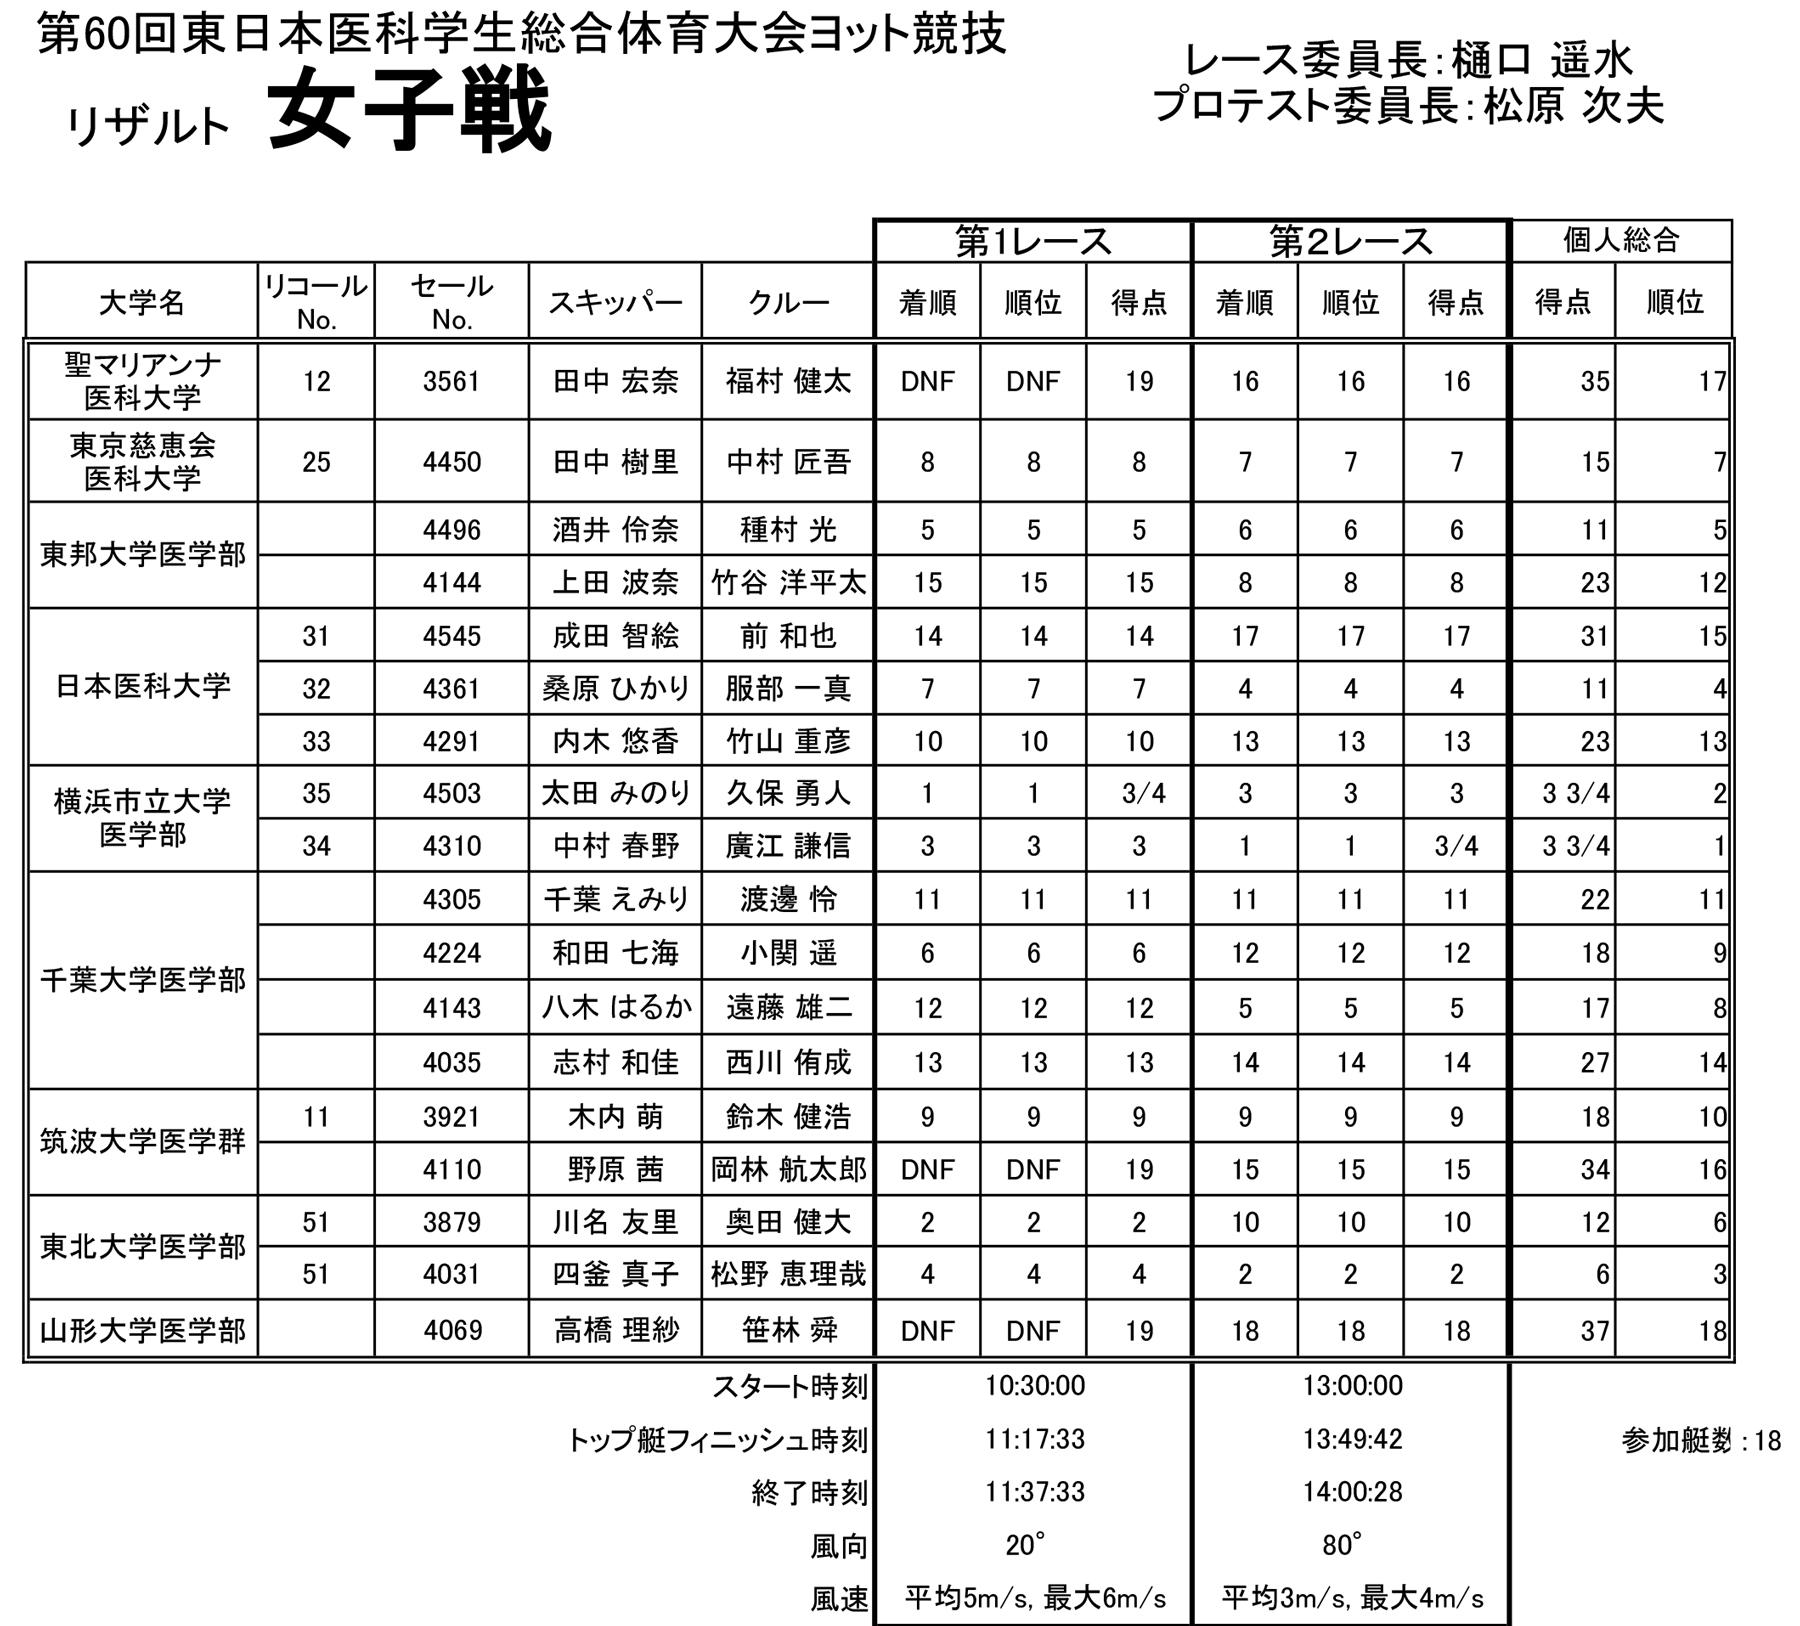 2017-08-21_touitai60th_result_0803